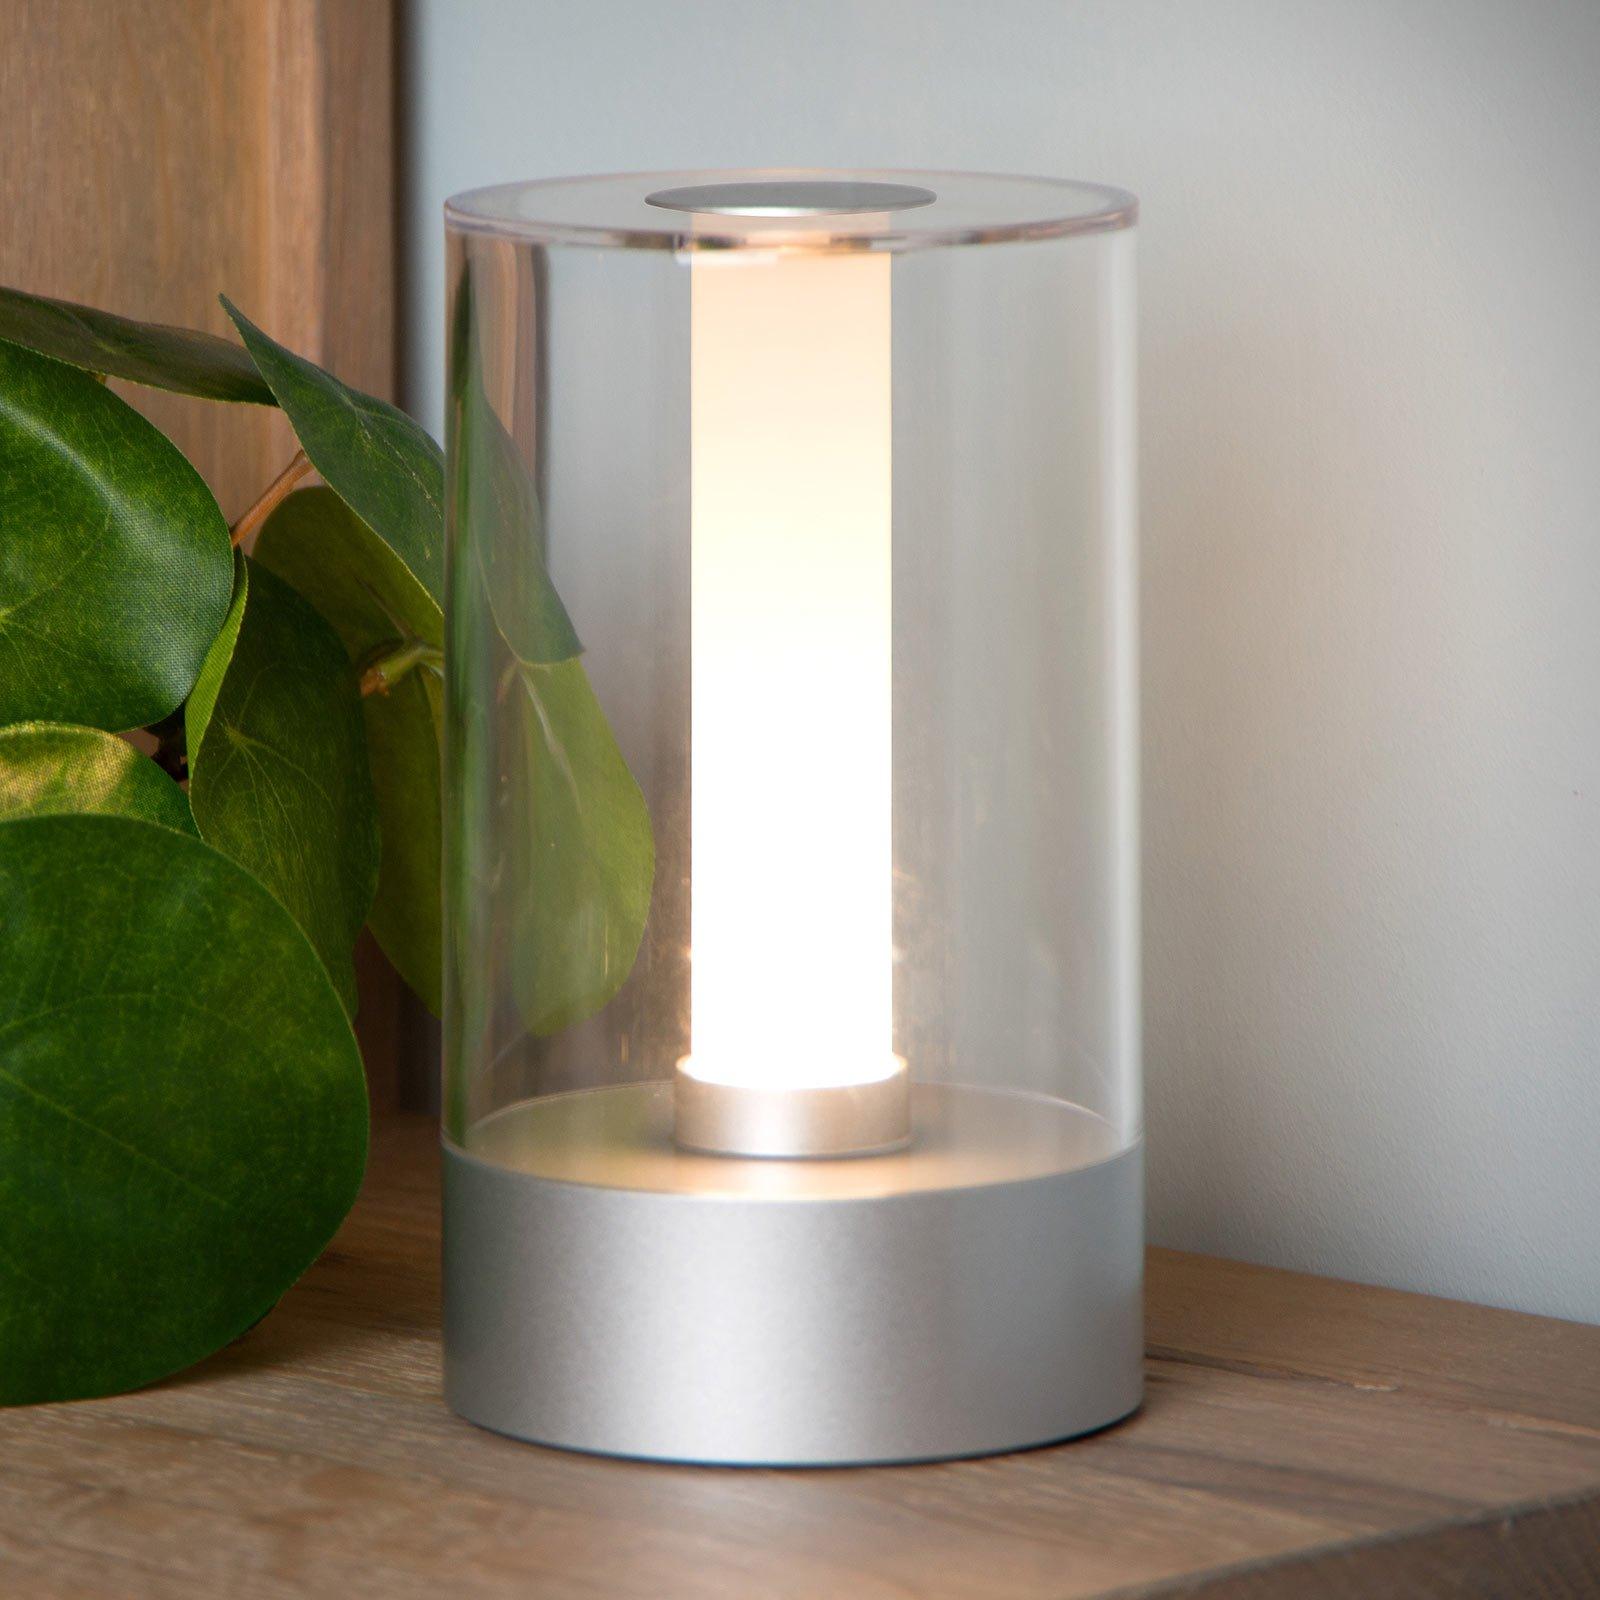 Tribun bordlampe med batteri og dimmer matt krom